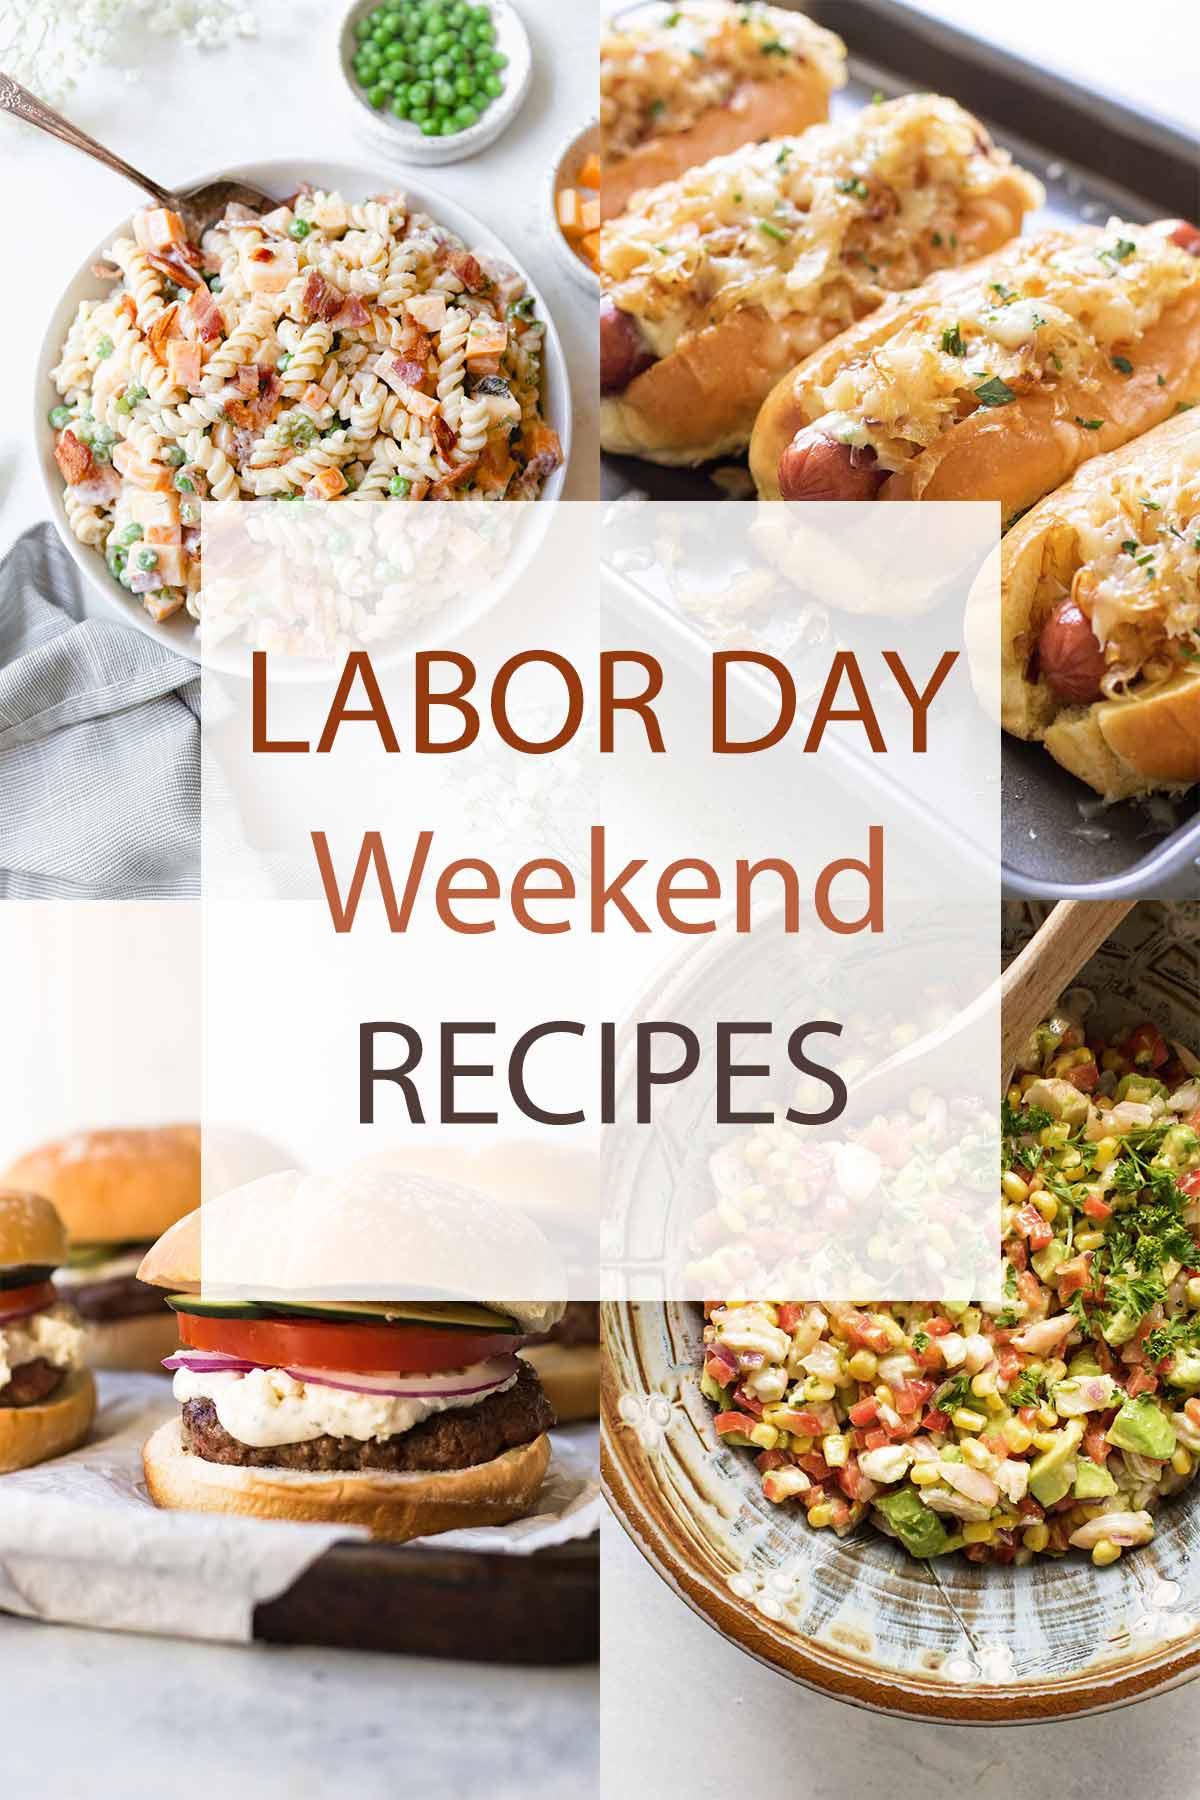 Labor day recipe photo collage.